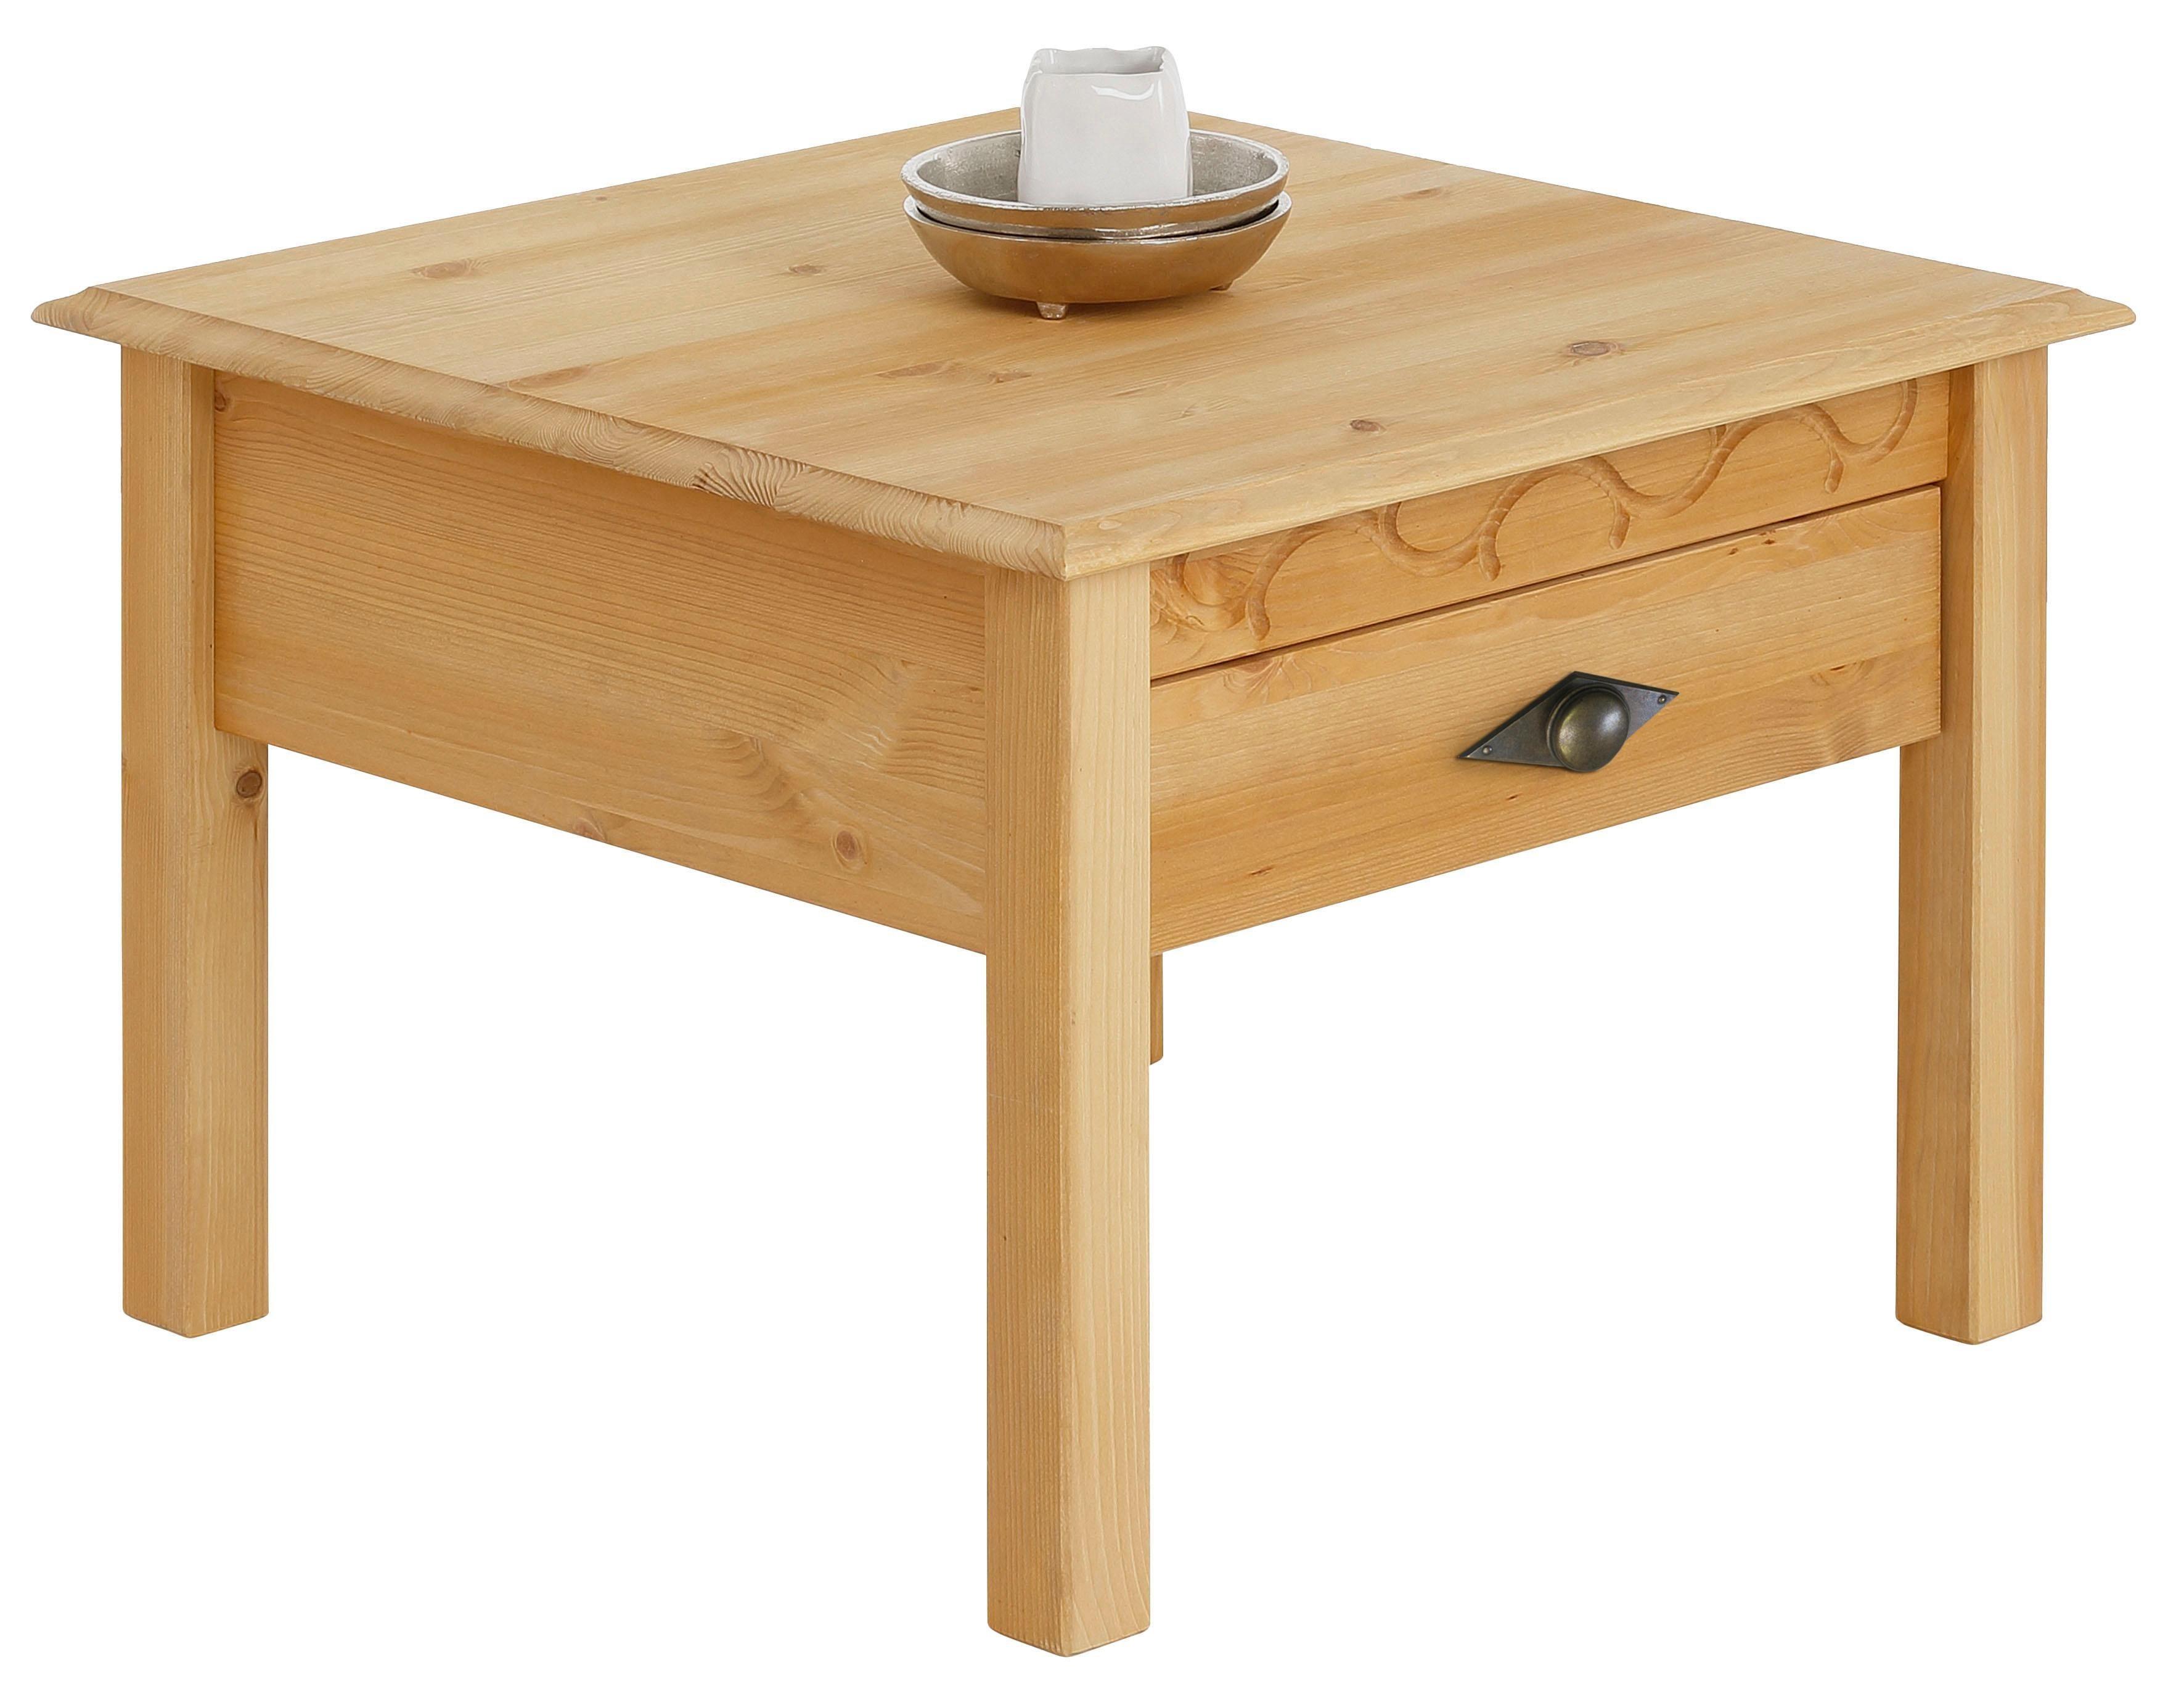 Home affaire Couchtisch «Laura», 60/60 cm, mit einer Schublade | Wohnzimmer > Tische > Couchtische | Home affaire